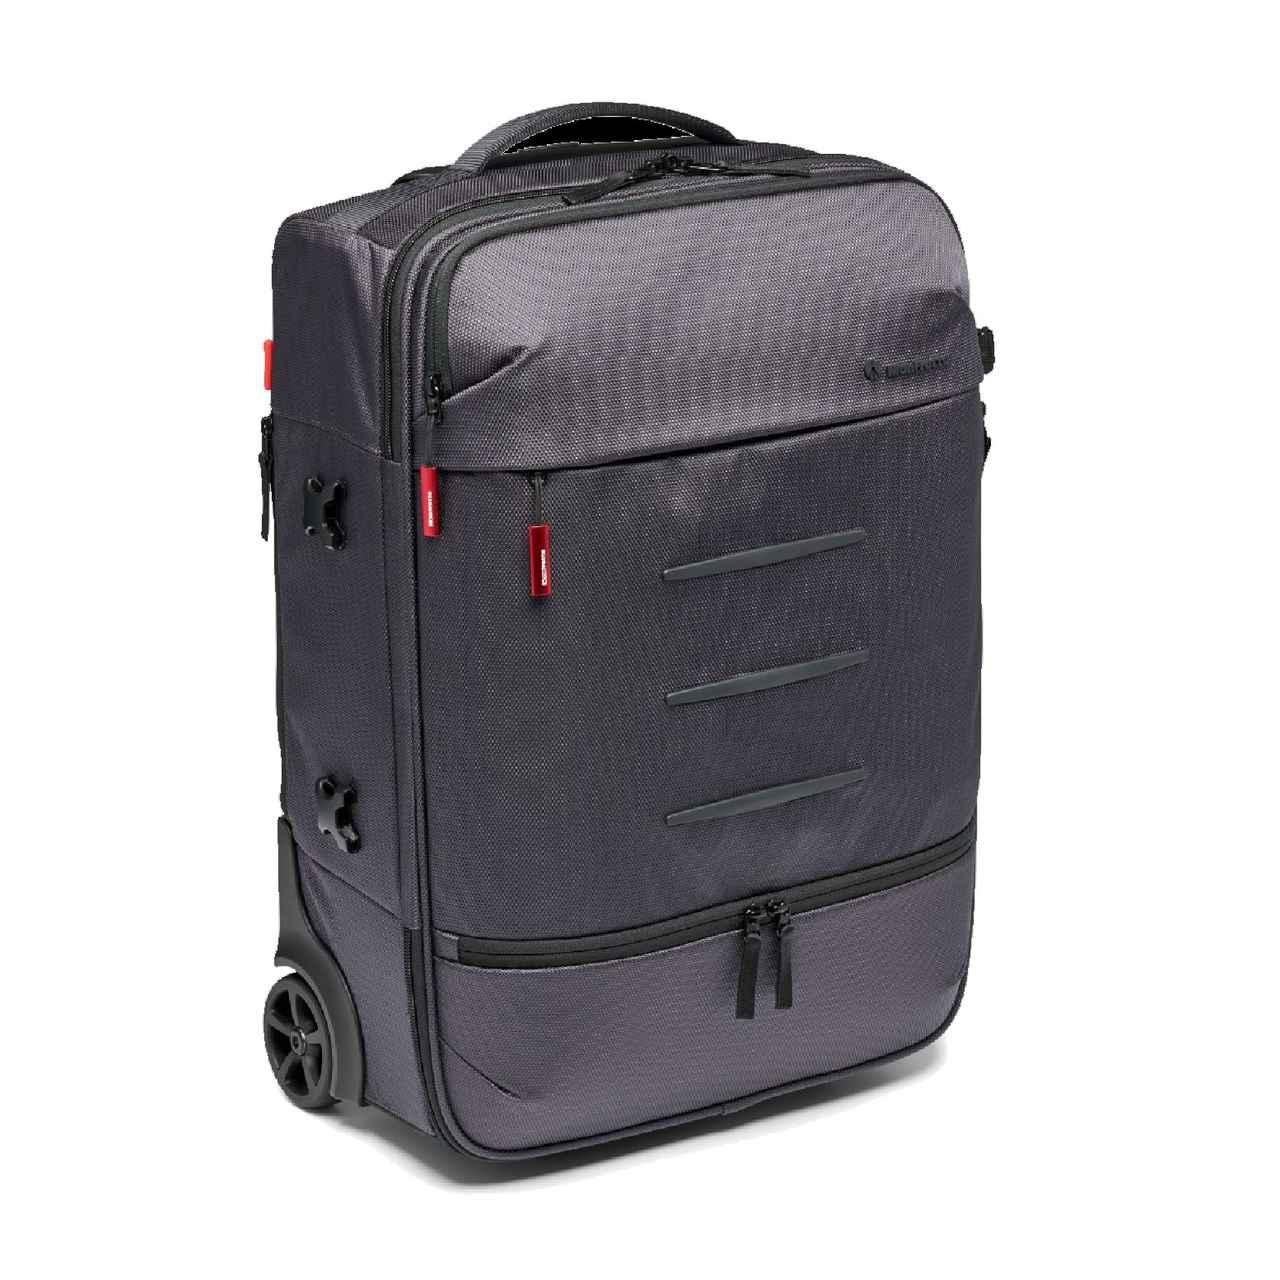 画像: 撮影機材が多く、飛行機などでの移動にも便利なバッグ。